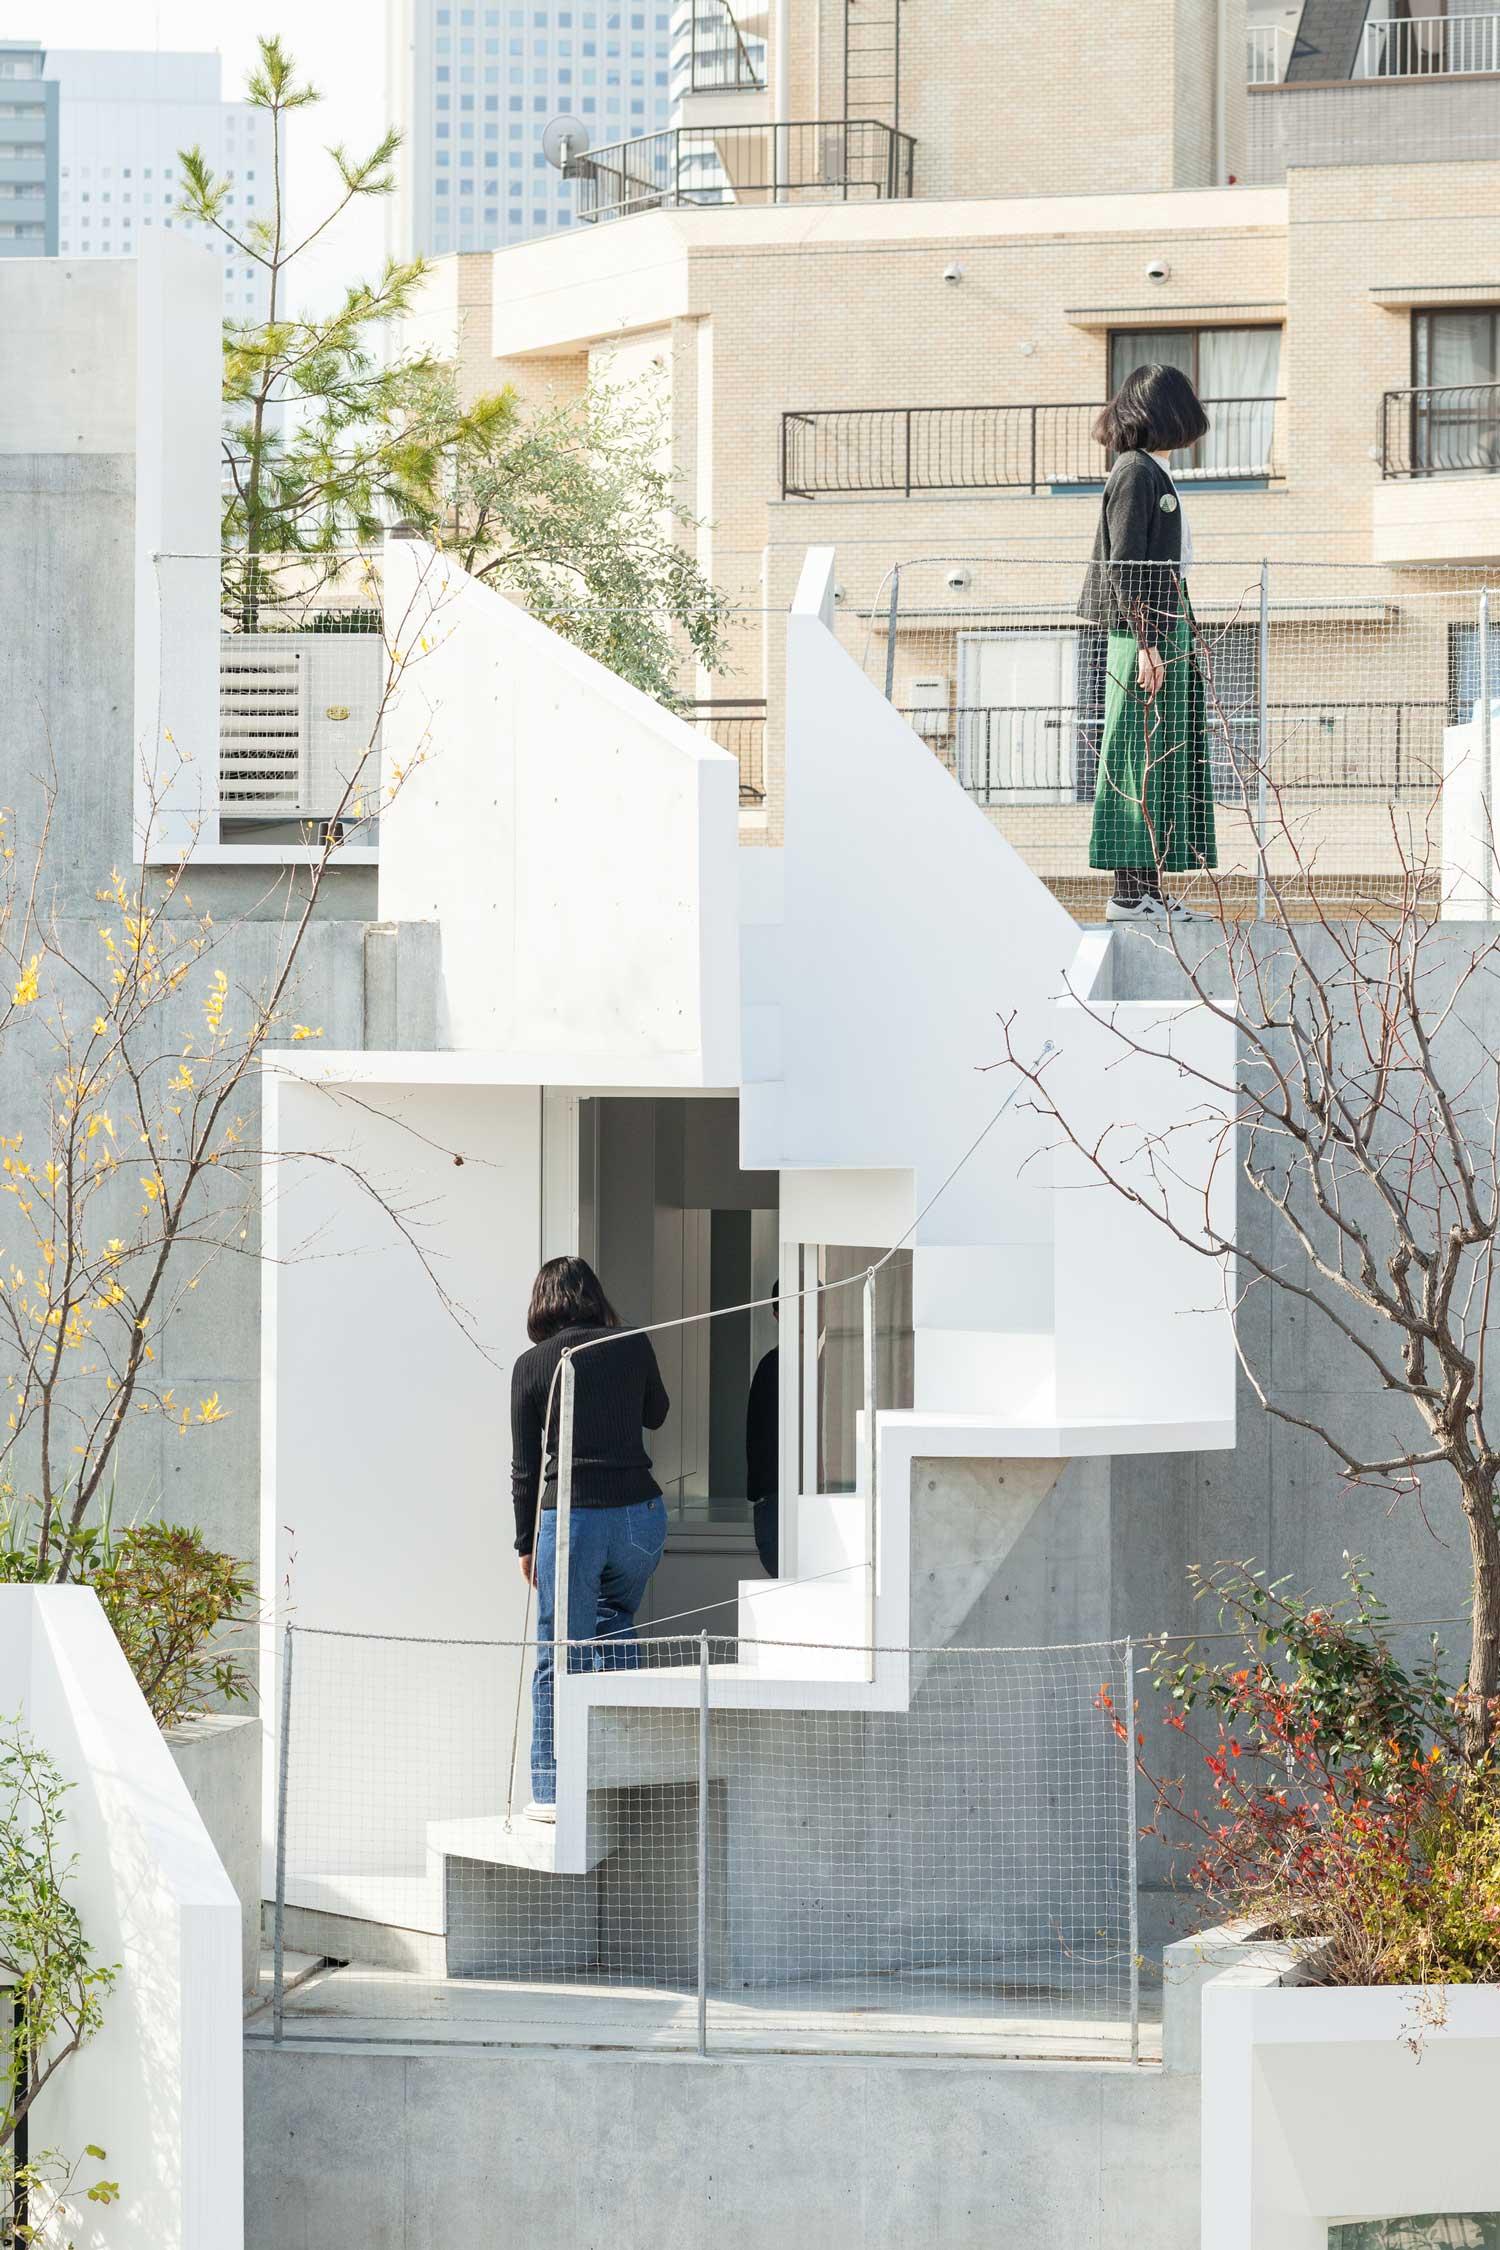 Tree-ness-House-Toshima-Japan-by-Akihisa-Hirata-Yellowtrace-15.jpg